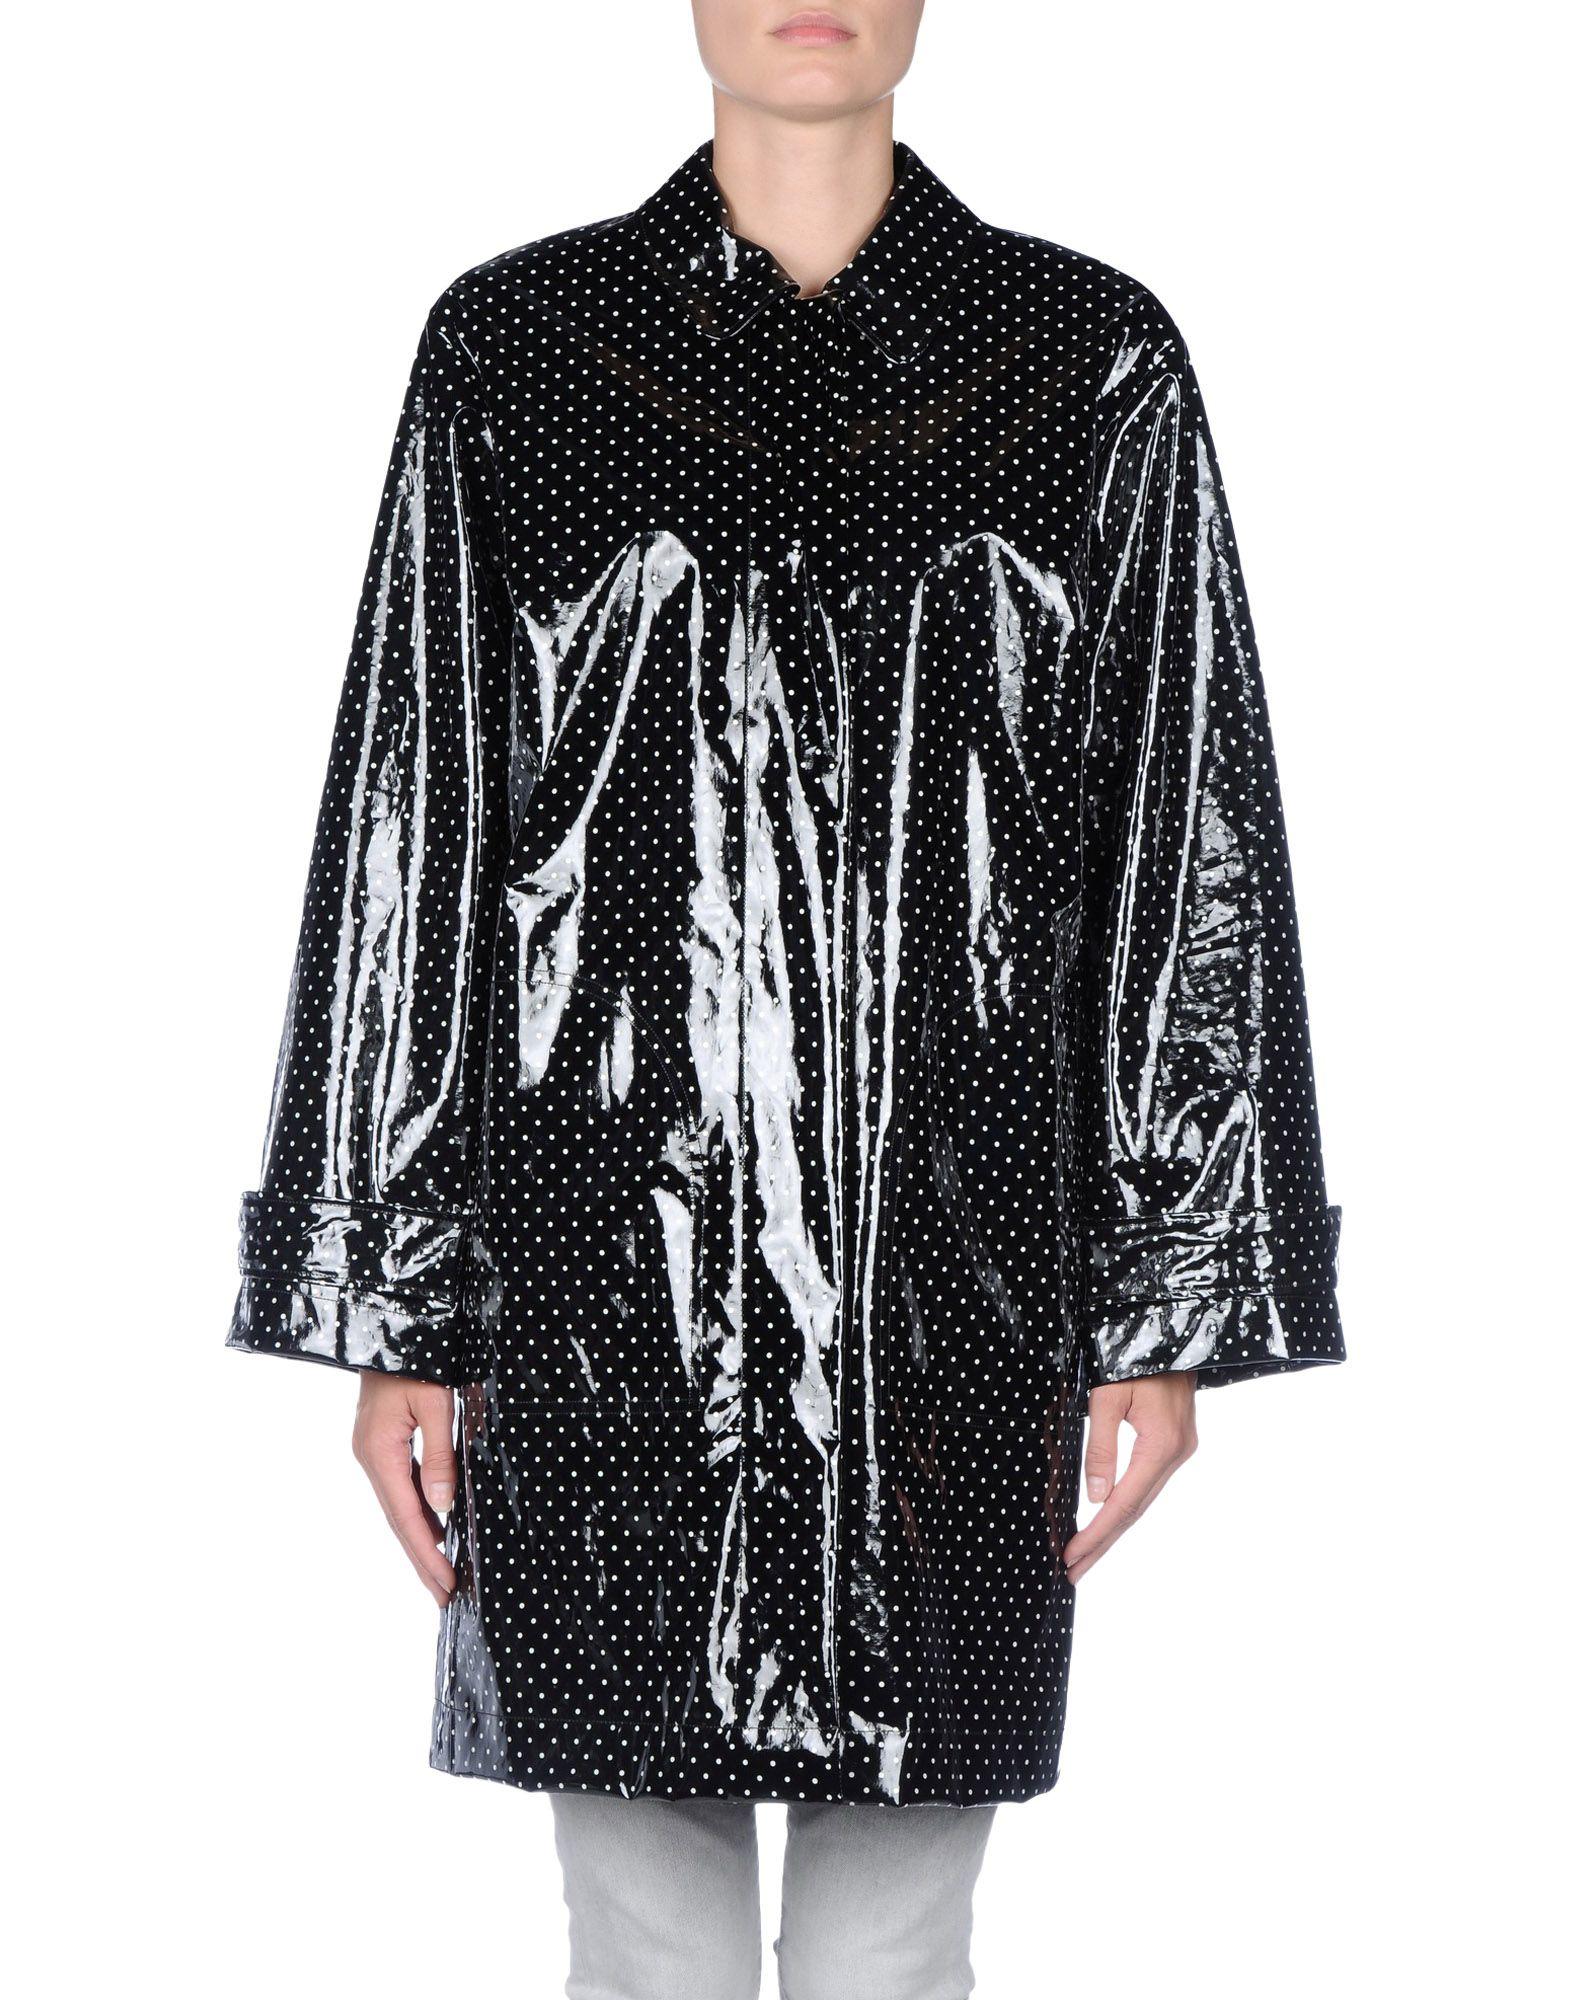 lyst dolce gabbana full length jacket in black. Black Bedroom Furniture Sets. Home Design Ideas